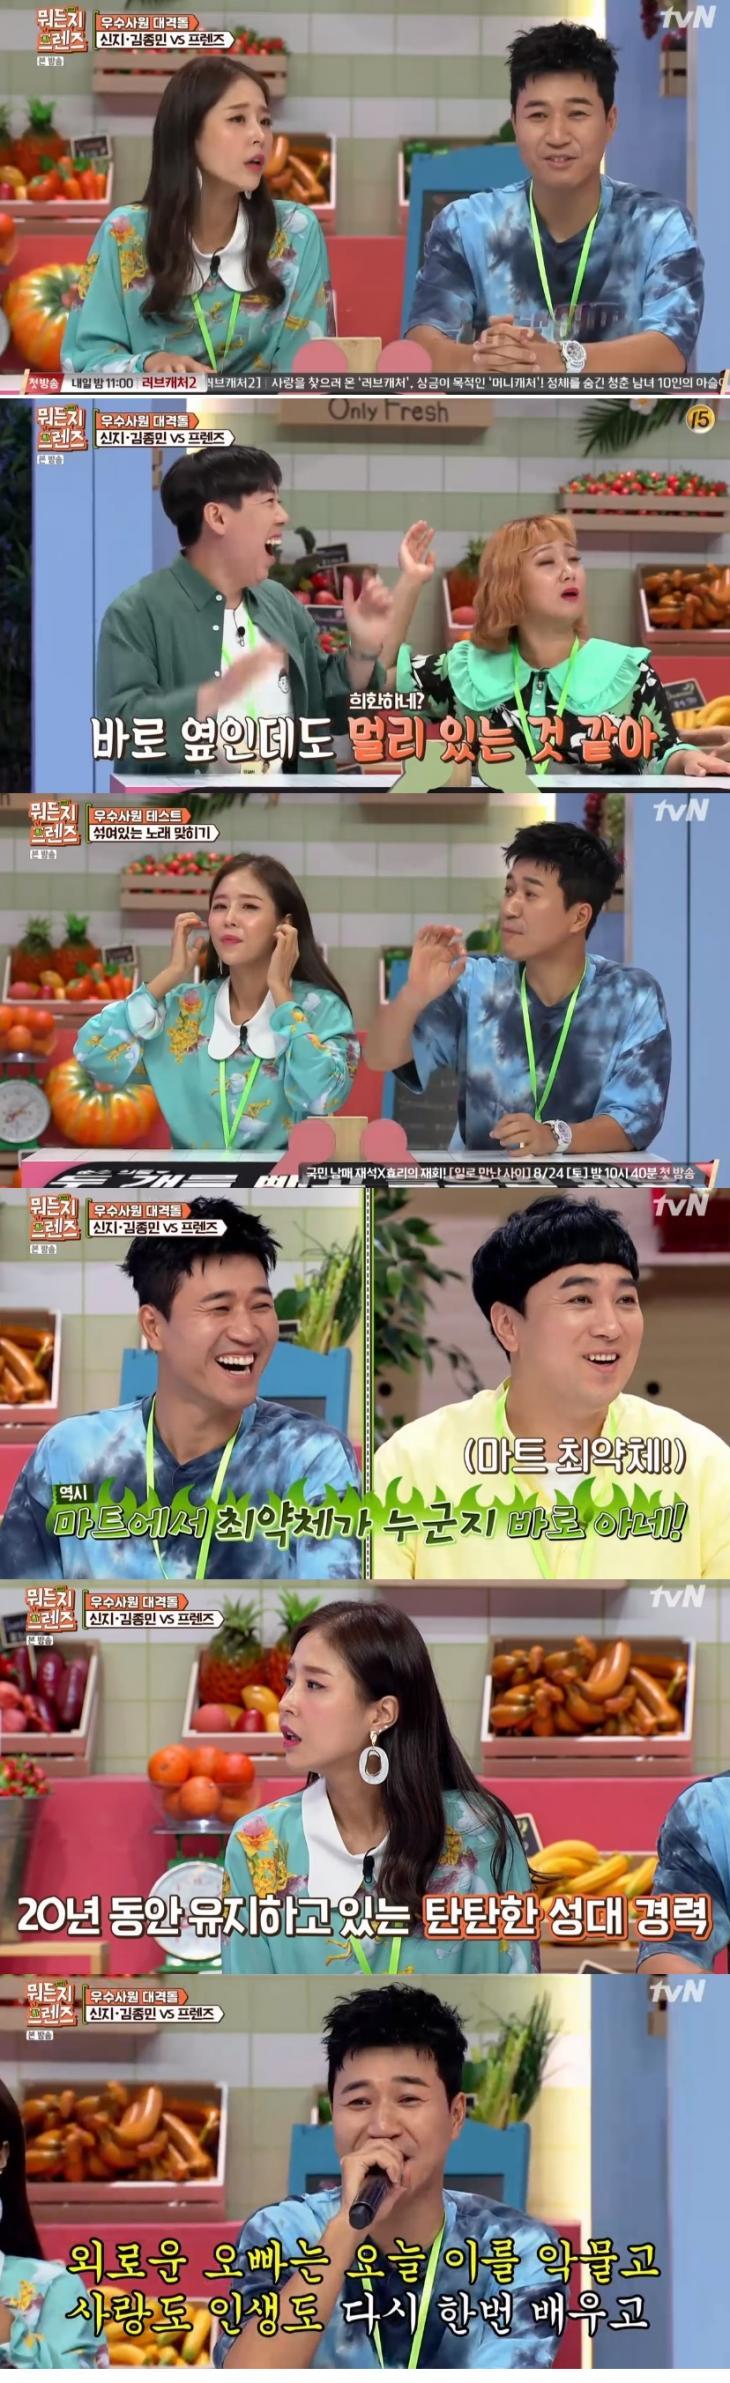 코요태 신지, 김종민 / tvN '뭐든지 프렌즈' 캡처